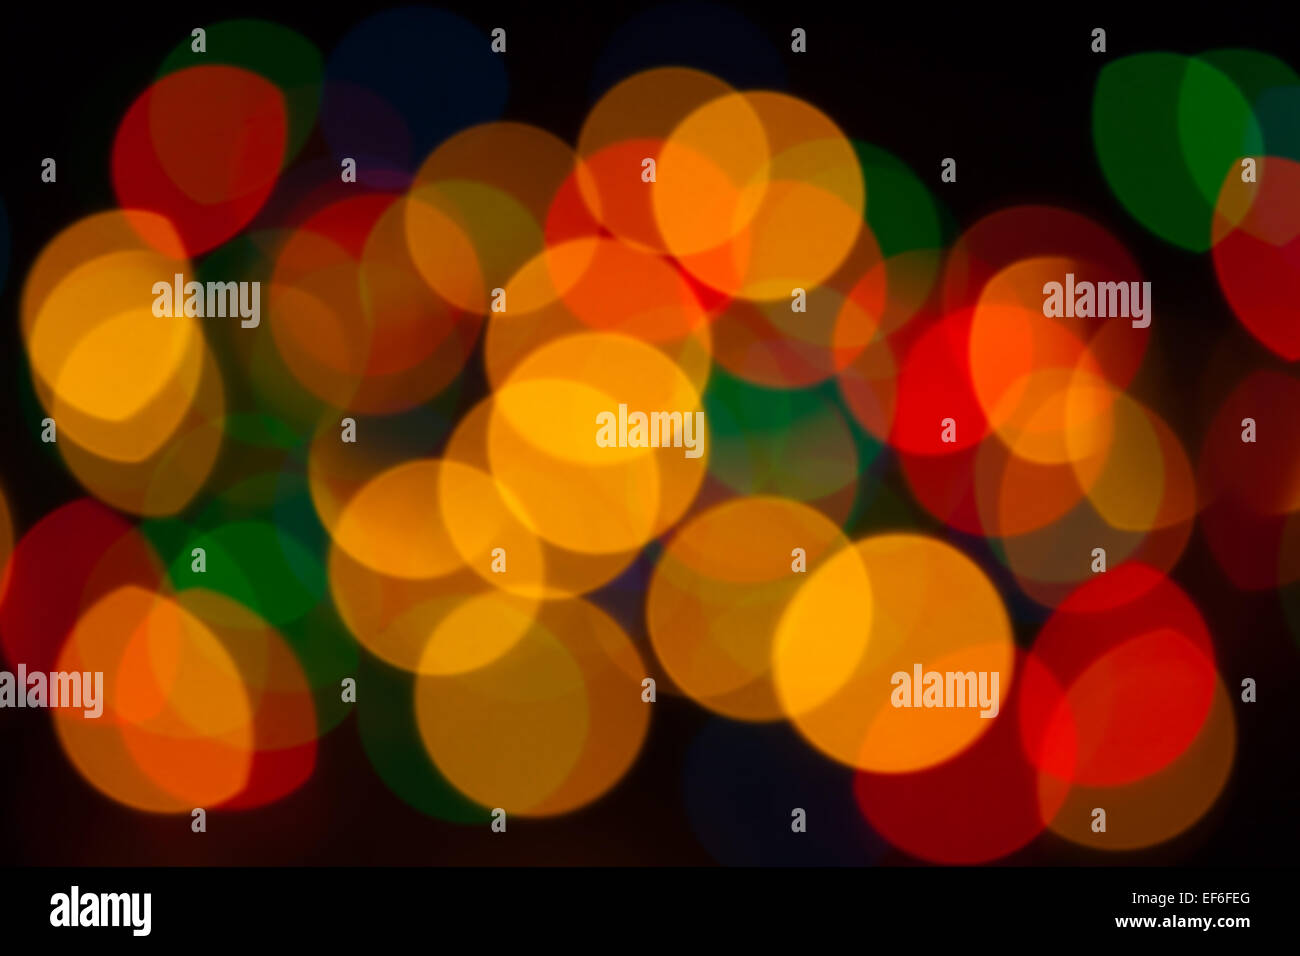 abstrakt - defokussierten leuchtenden farbigen Objekte auf einem schwarzen Hintergrund Stockbild